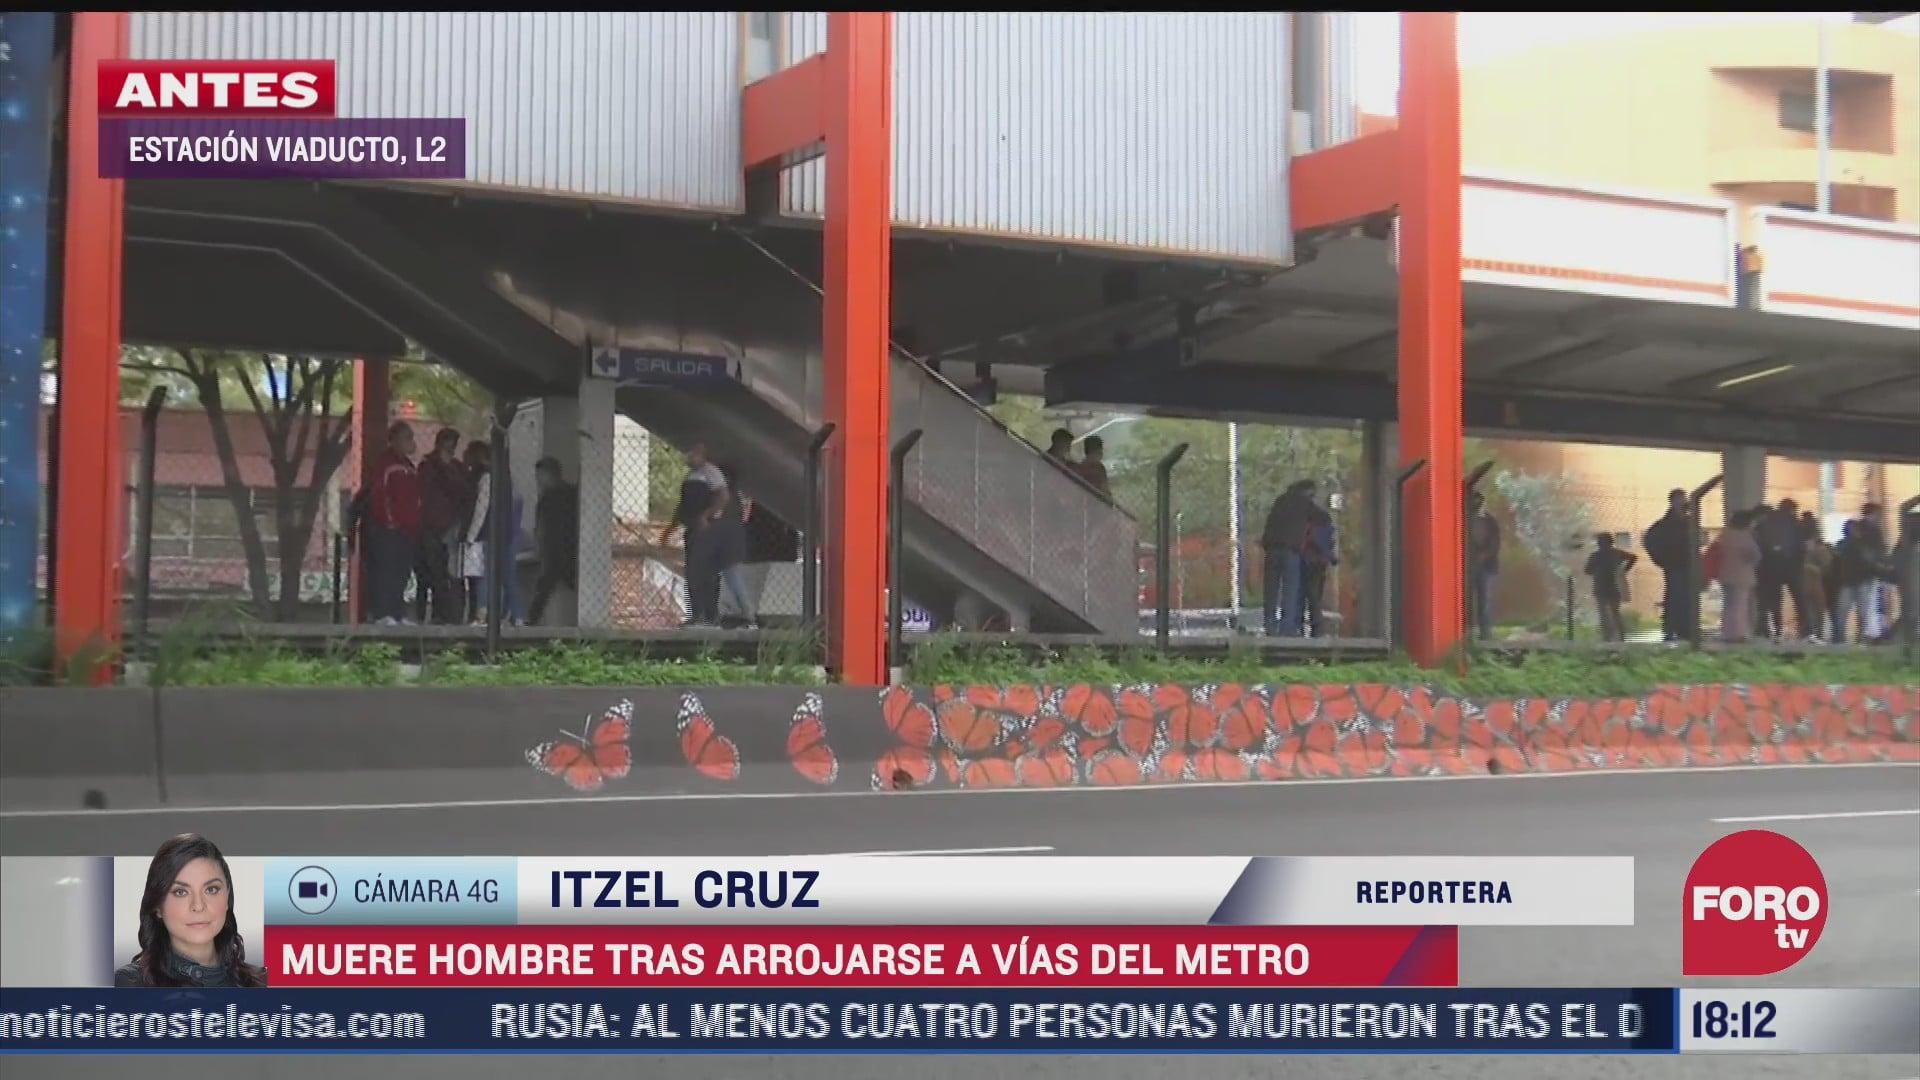 muere hombre tras arrojarse a las vias del metro